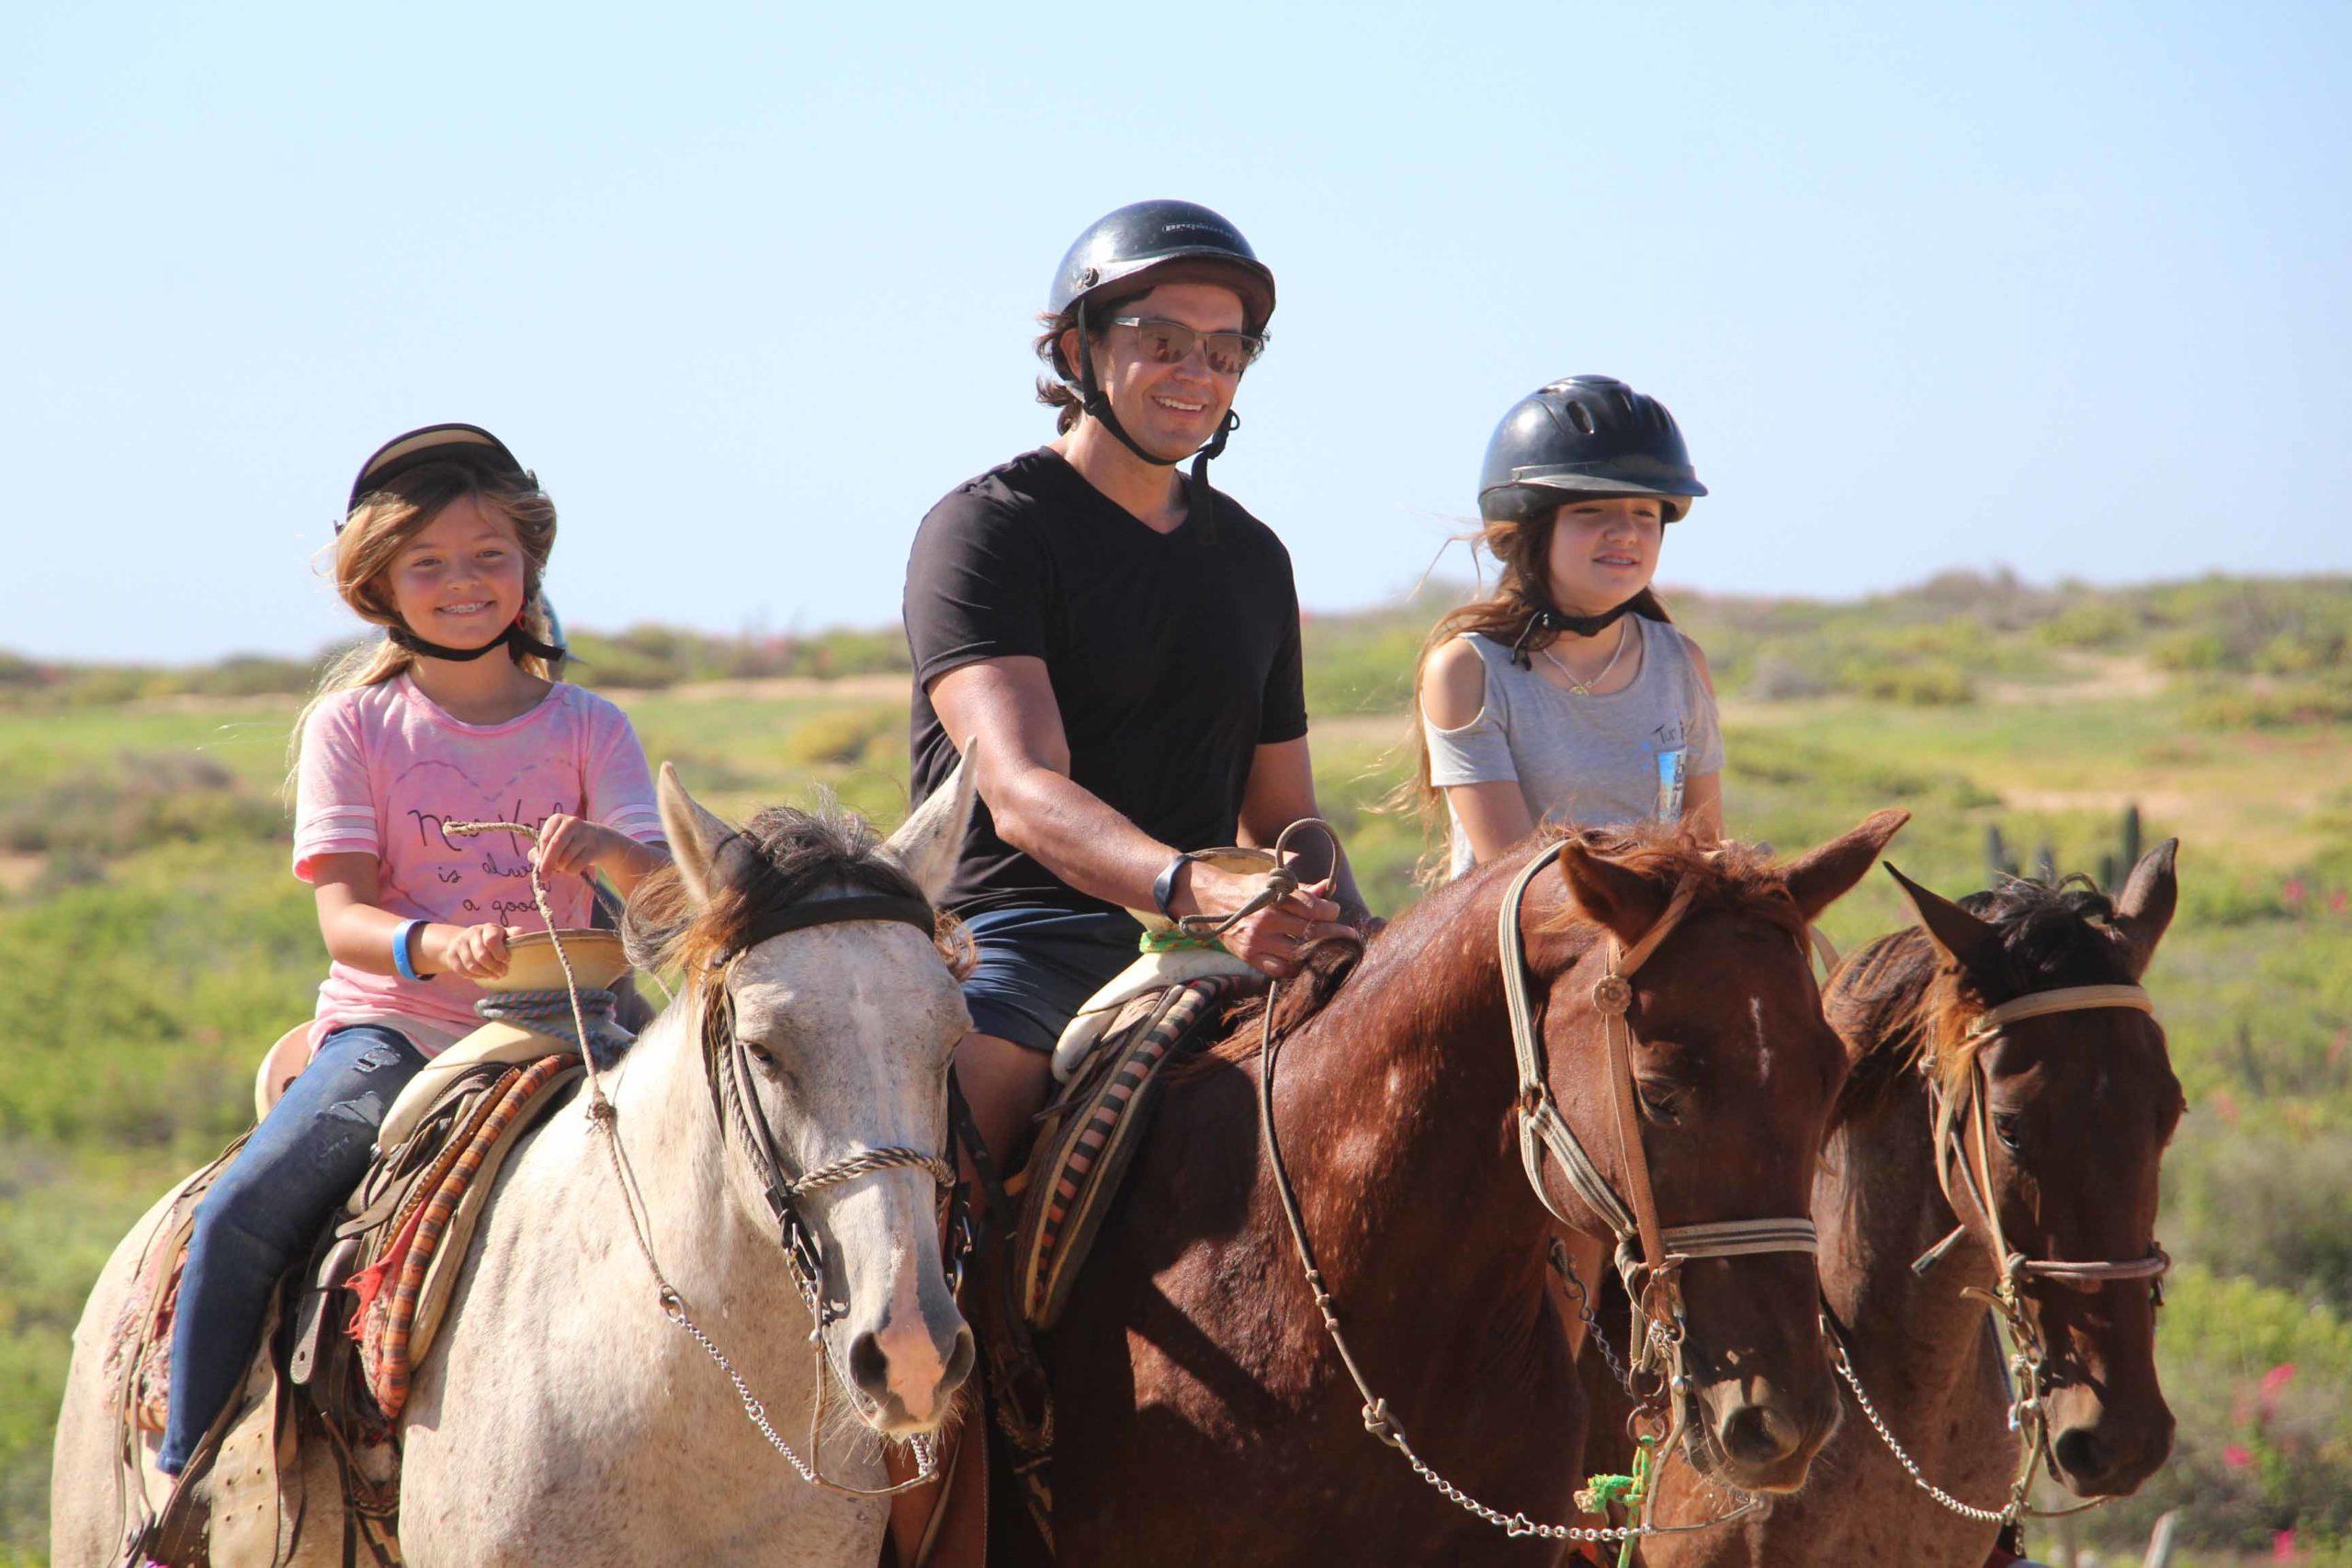 Los Cabos Horseback riding 7